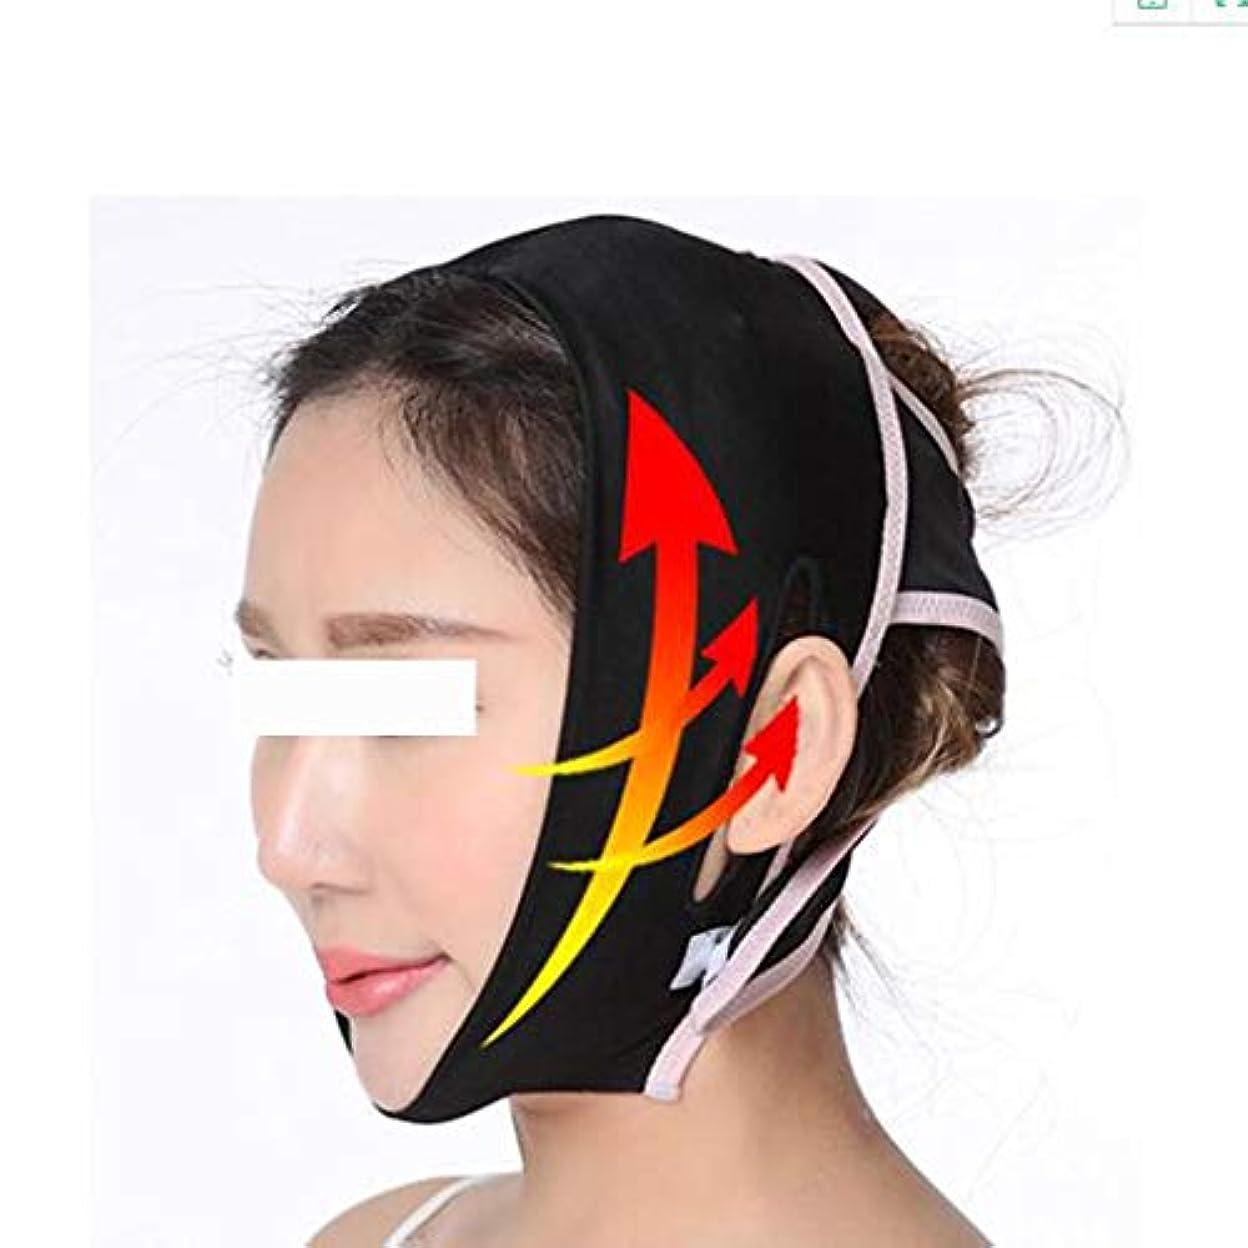 ポゴスティックジャンプぼろ代わりにを立てるV顔持ち上がる二重あご法律のパターンを削除する薄いV顔包帯 - 小さな顔マスク - 顔の形